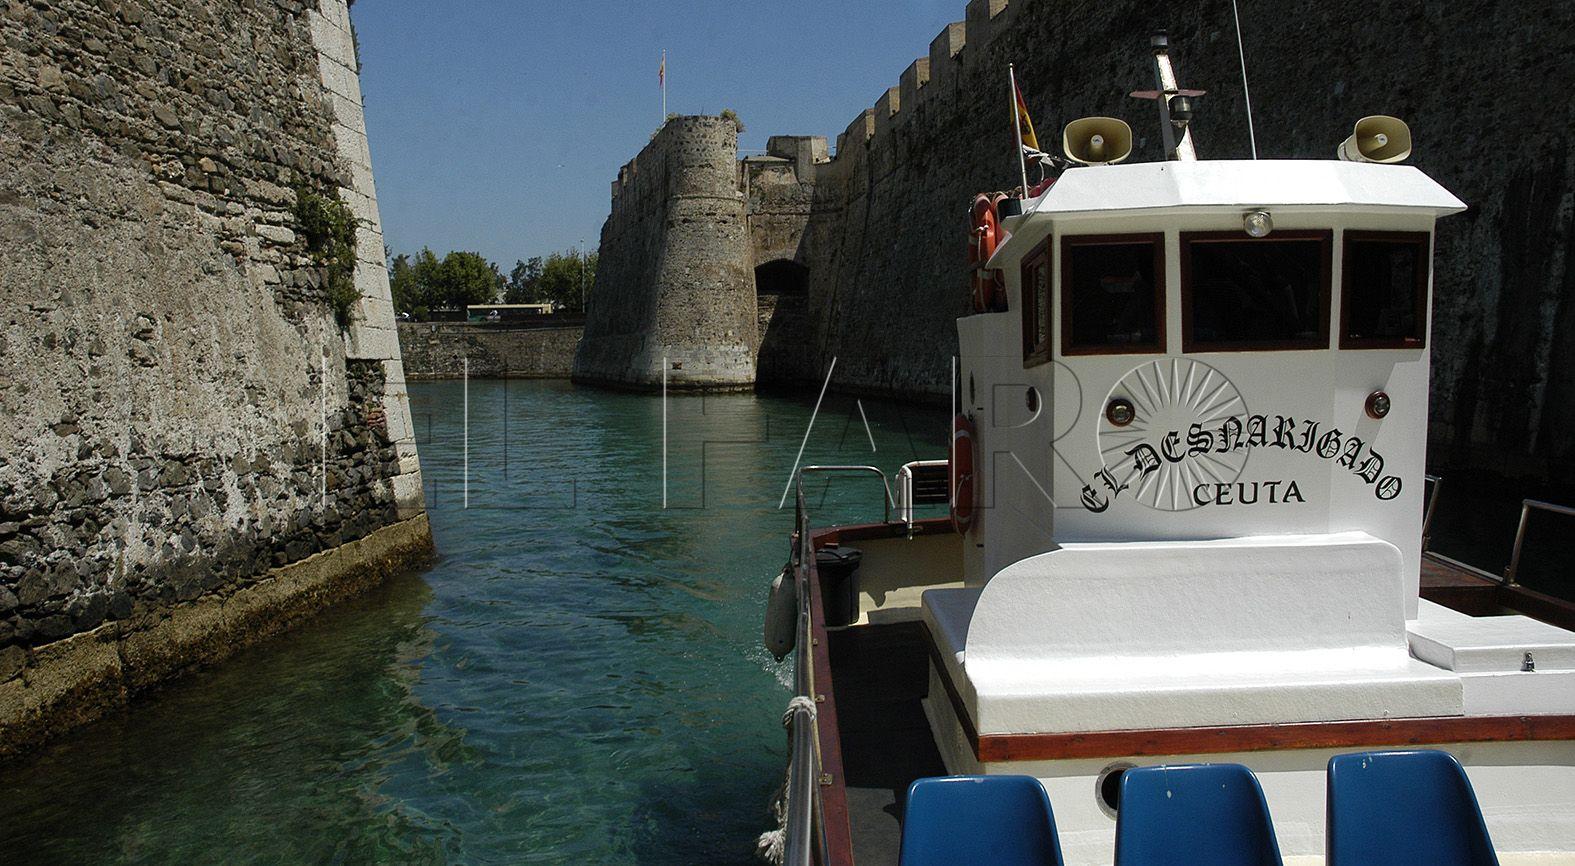 """Canceladas las rutas escolares en el barco 'El Desnarigado' """"no por riesgo, sino por precaución"""""""